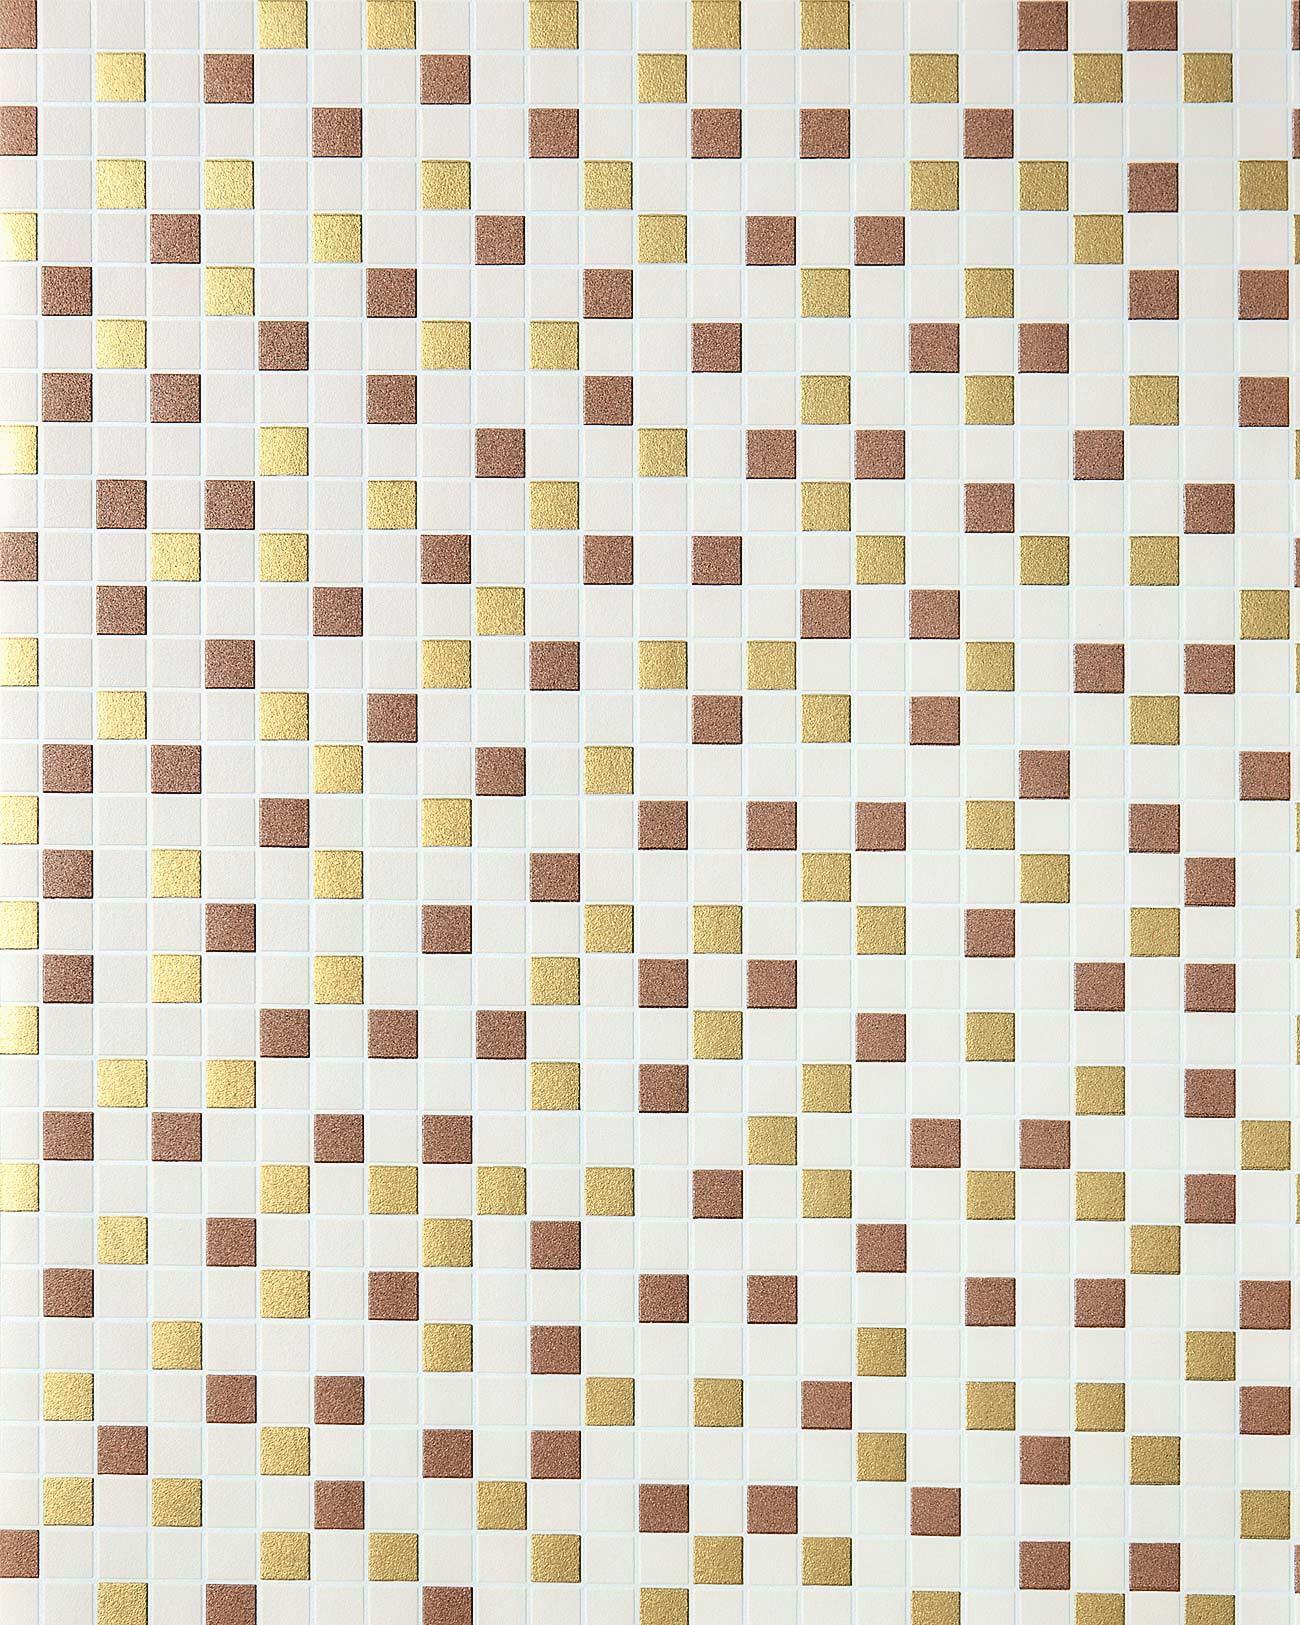 Full Size of Küchentapete Mosaikstein Tapete Kchentapete Edem 1022 13 Fliesen Kacheln Wohnzimmer Küchentapete